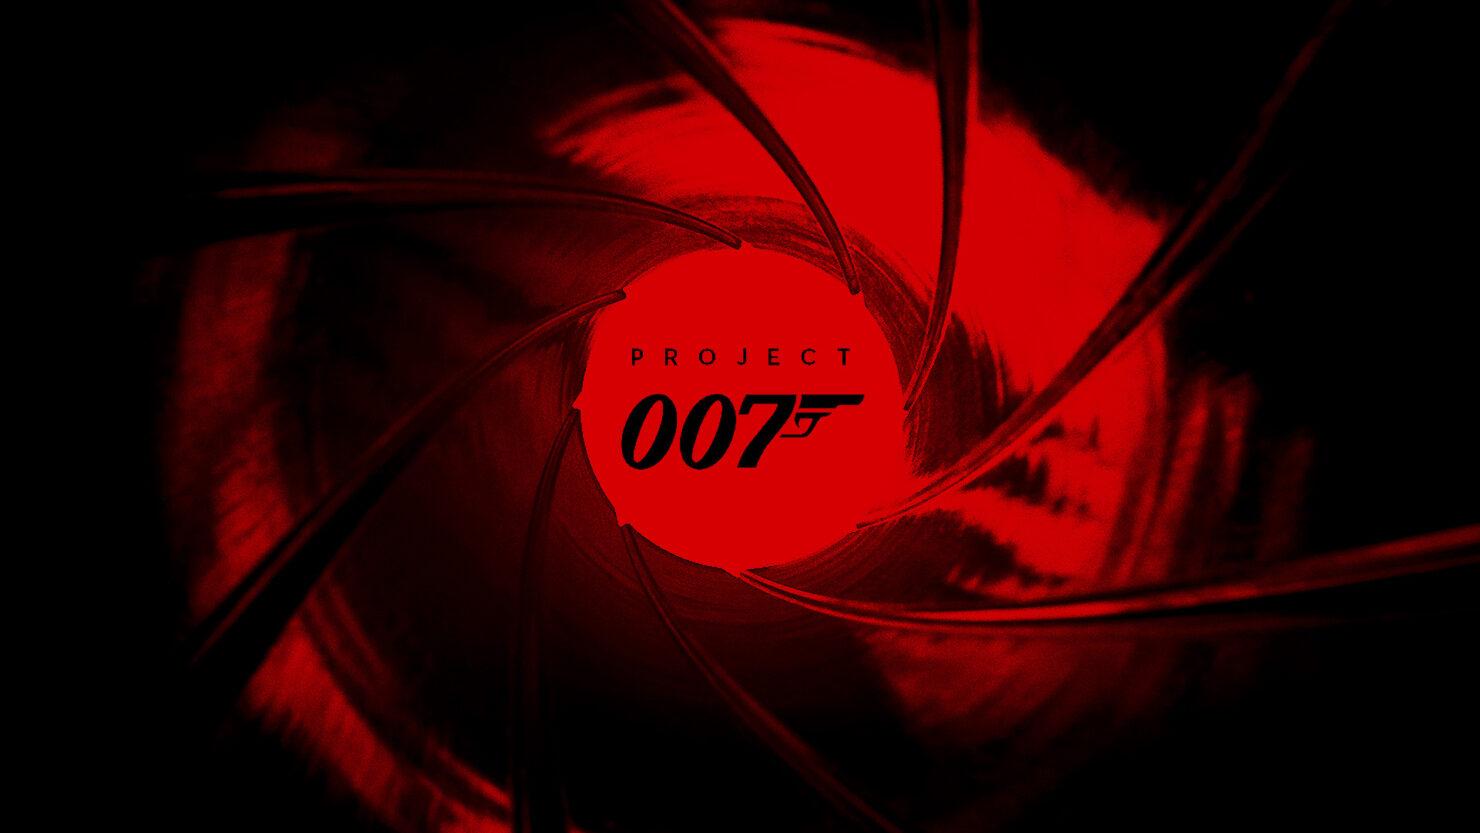 Project 007 James Bond